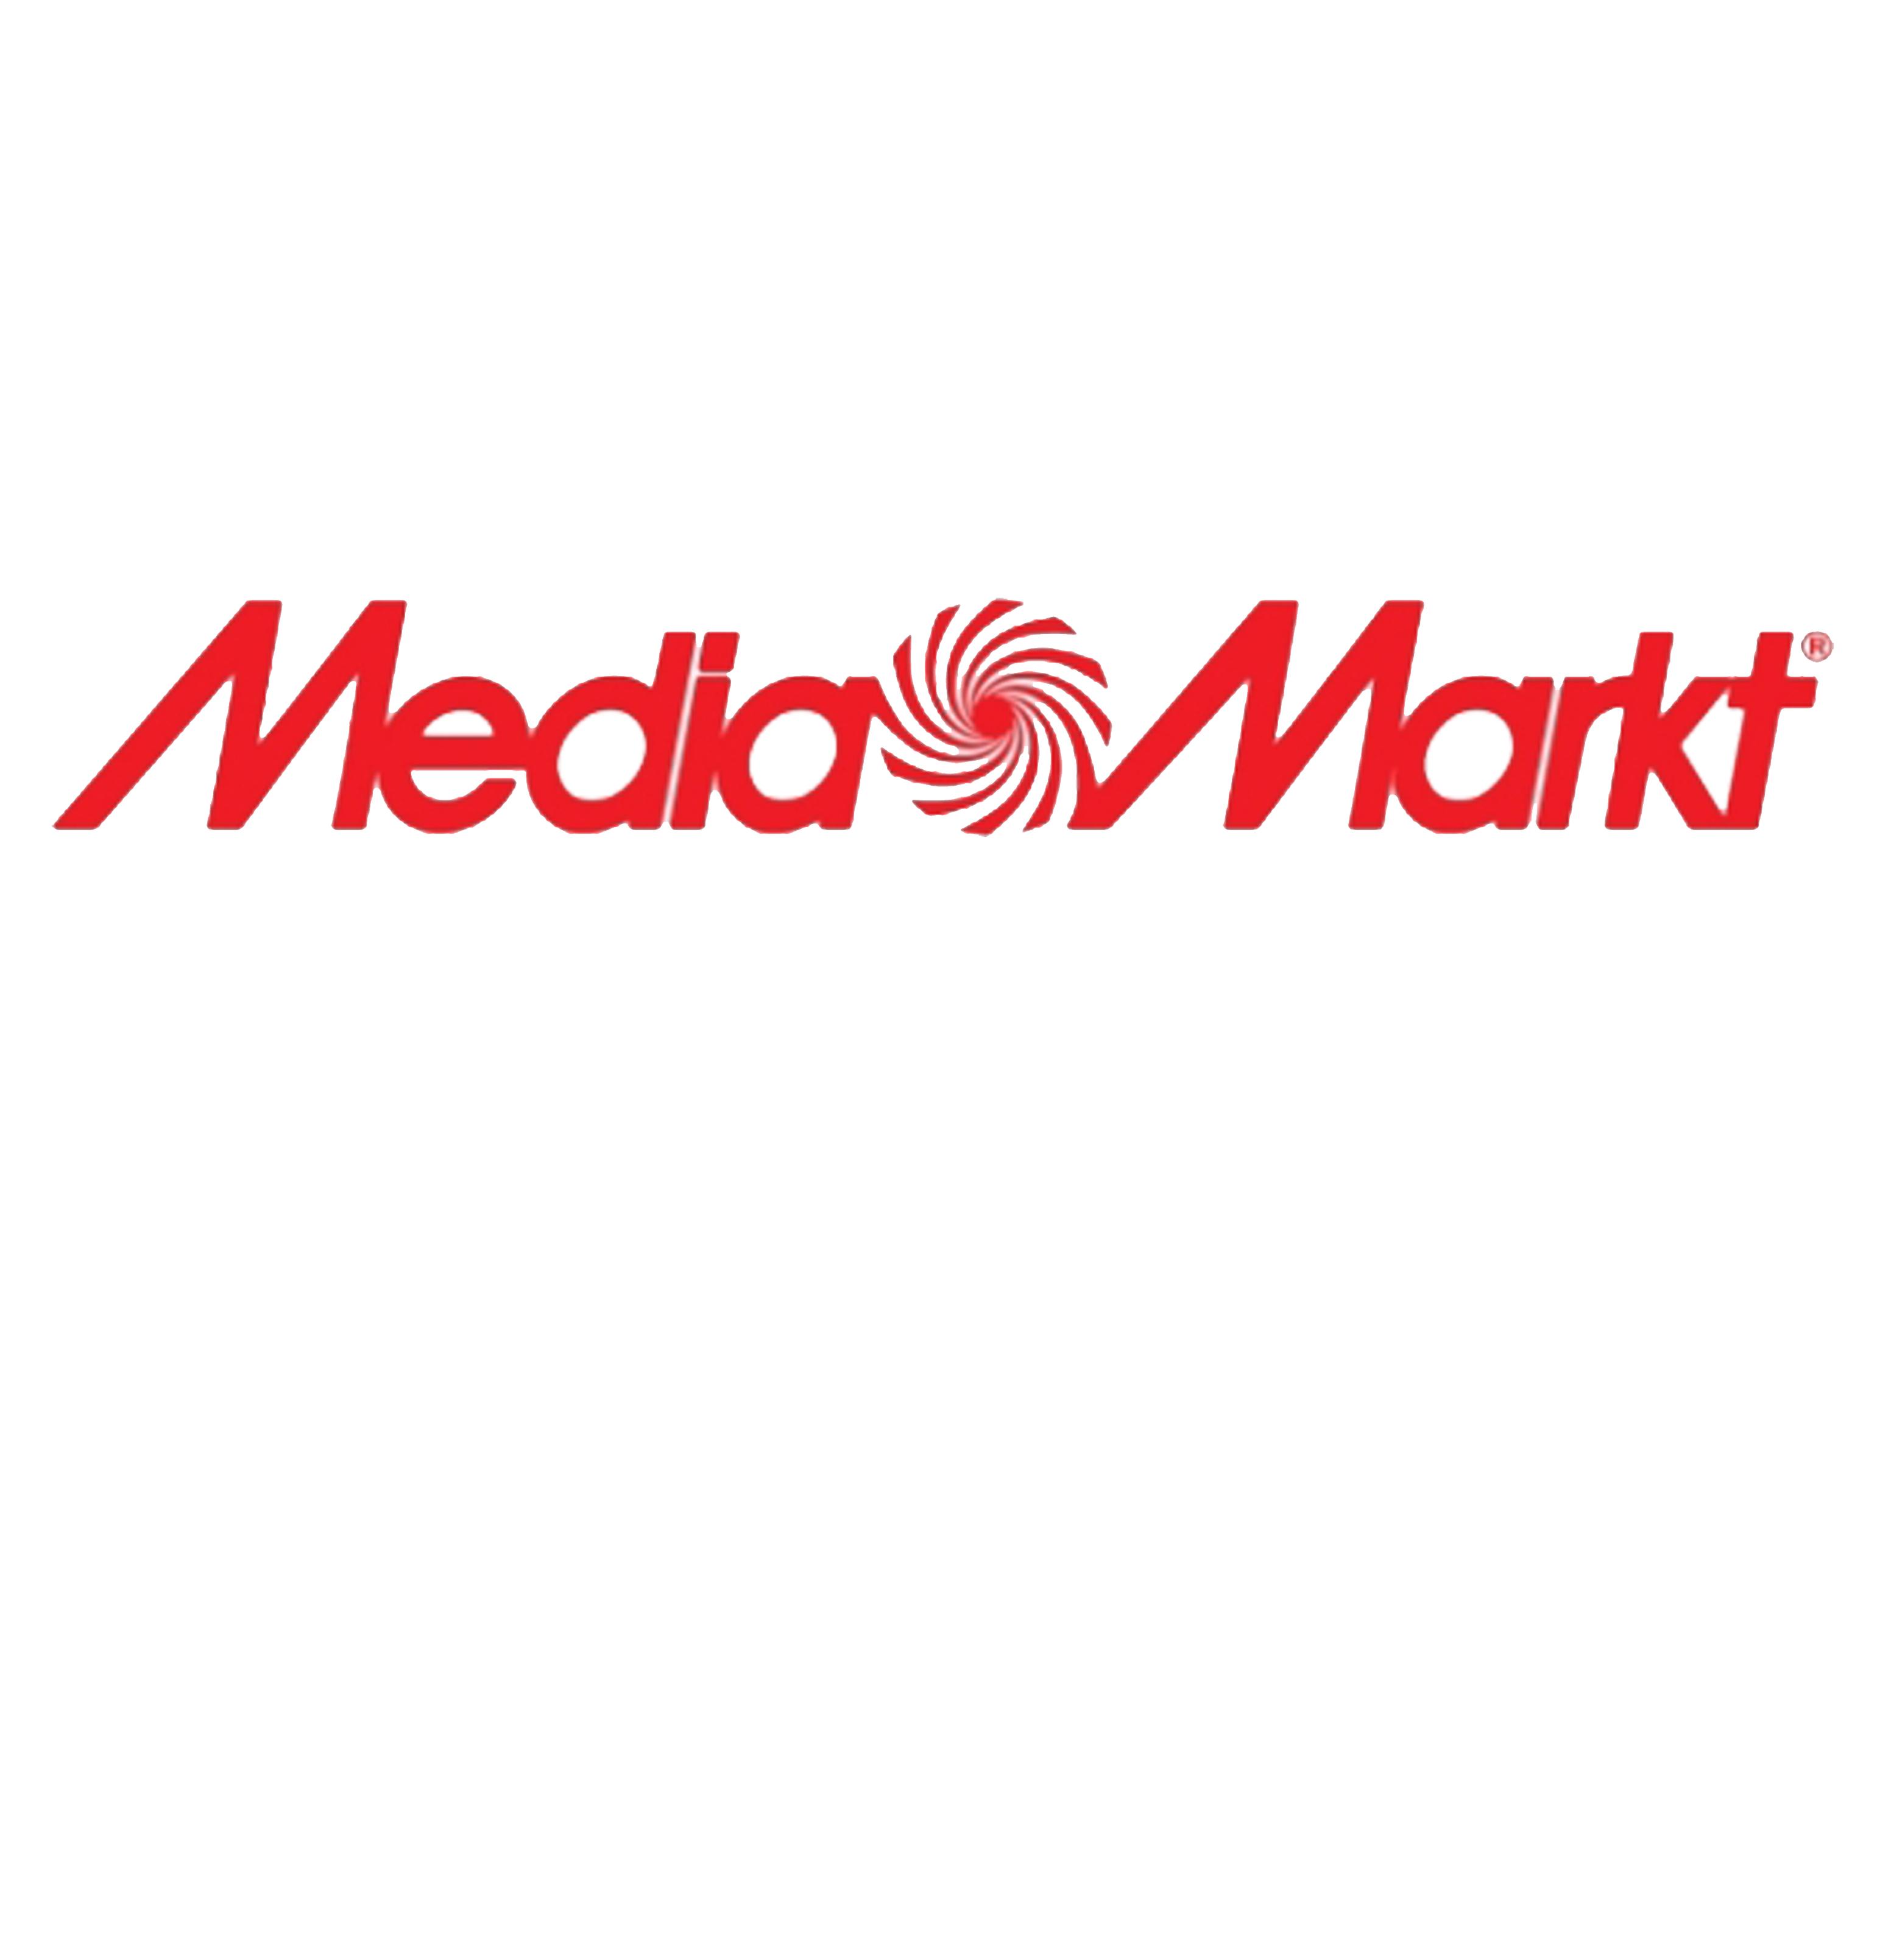 Media Markt - Benelux